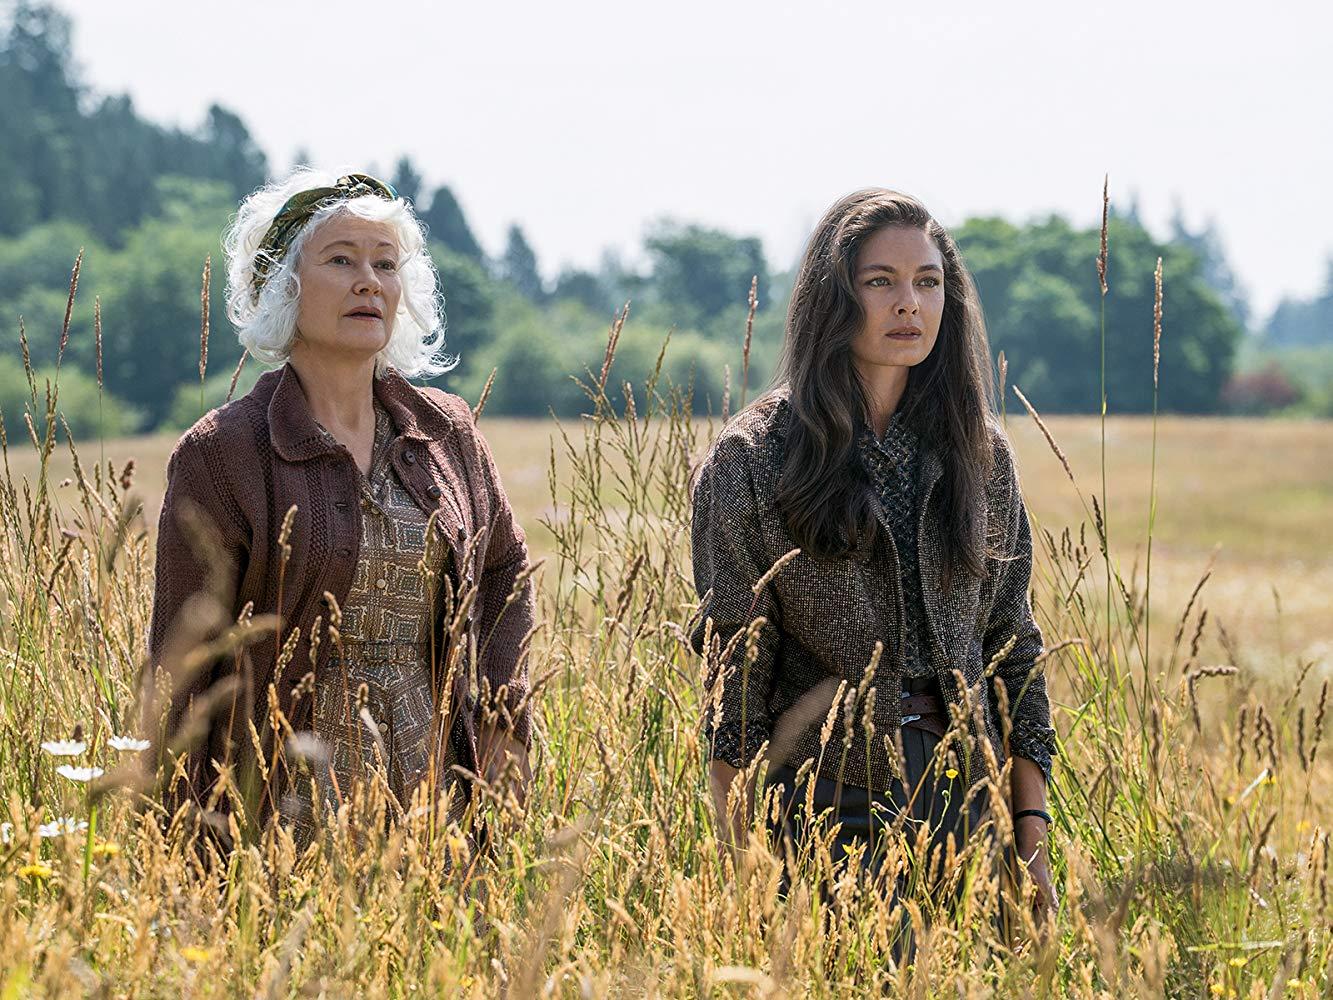 """Caroline Abendsen (Ann Magnuson) e Juliana Crain (Alexa Davalos) em cena da terceira temporada de """"O Homem do Castelo Alto"""""""